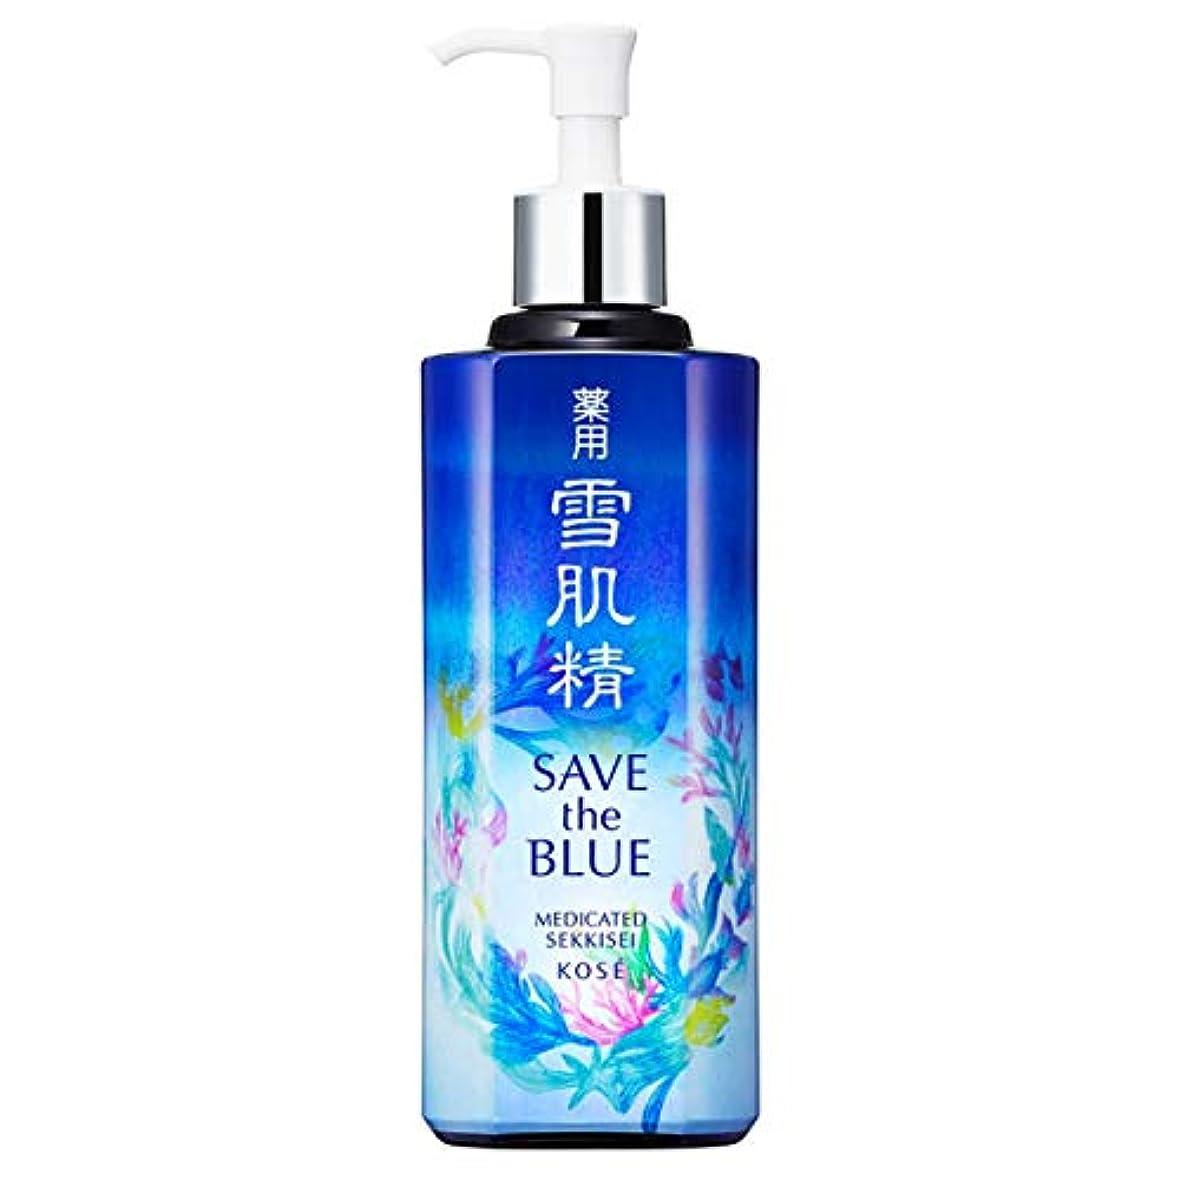 過半数連帯好色なコーセー 雪肌精 化粧水 「SAVE the BLUE」デザインボトル(みずみずしいタイプ) 500ml【限定】